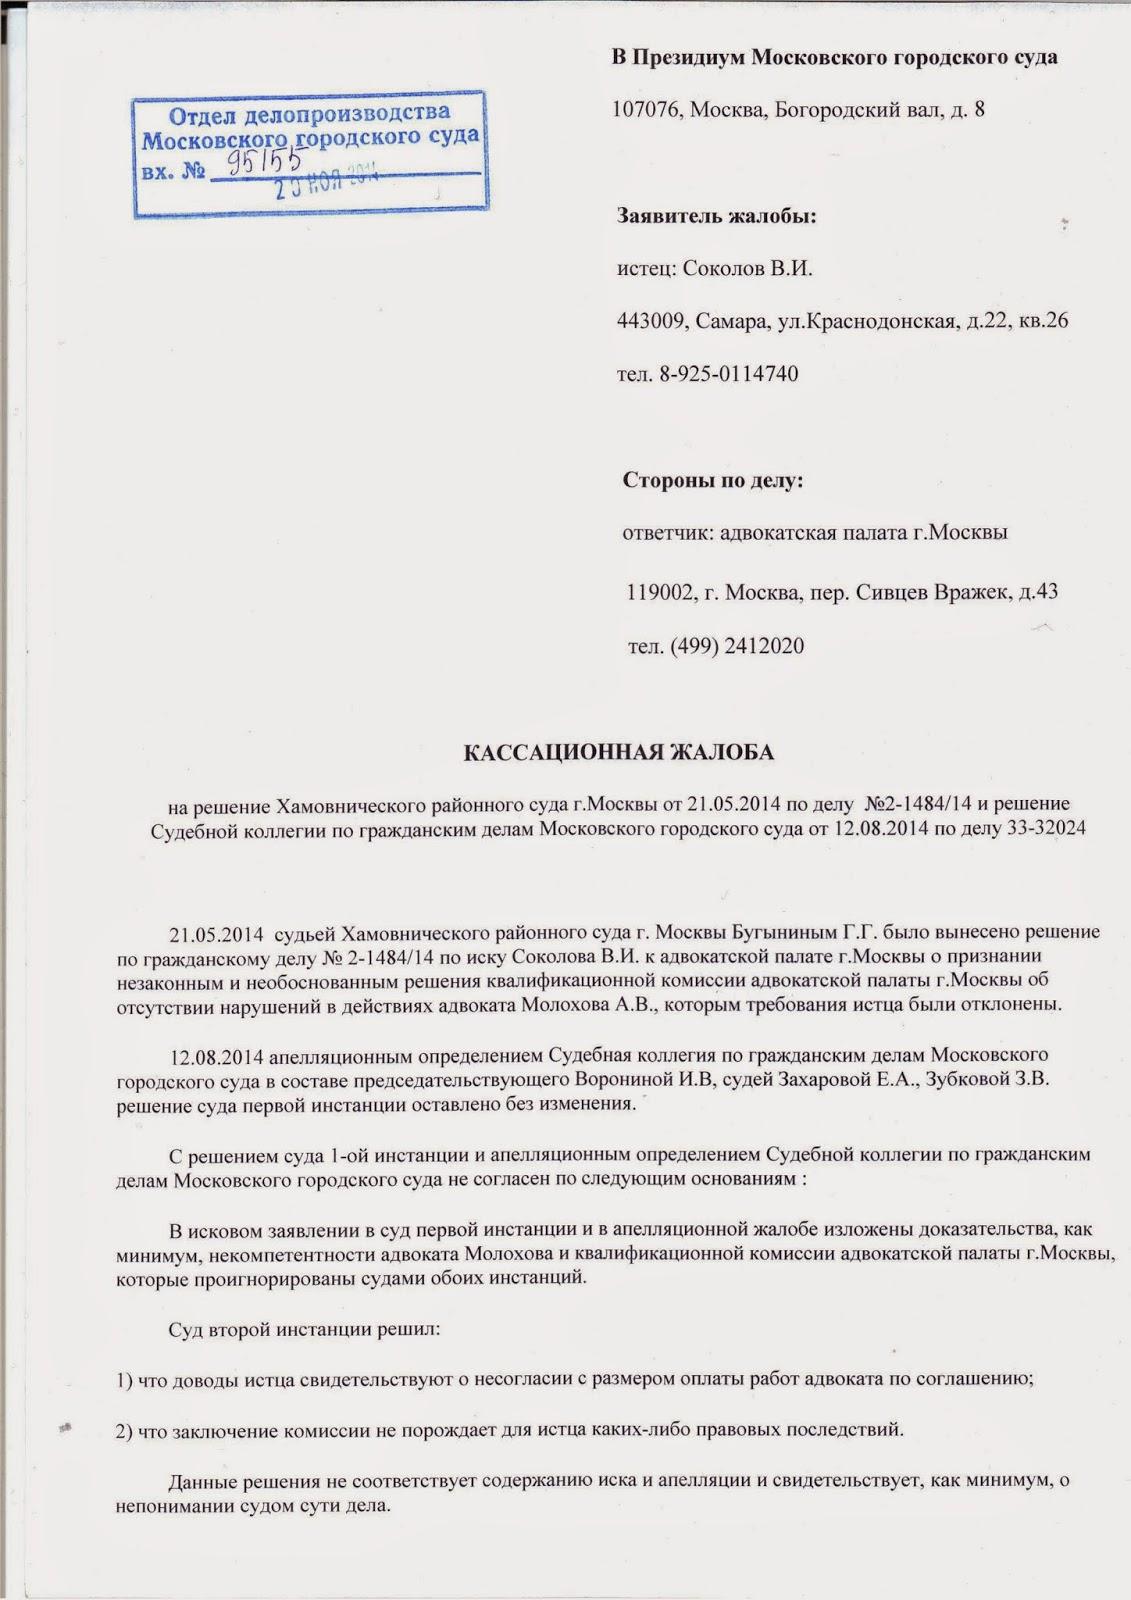 апелляция по гражданским делам